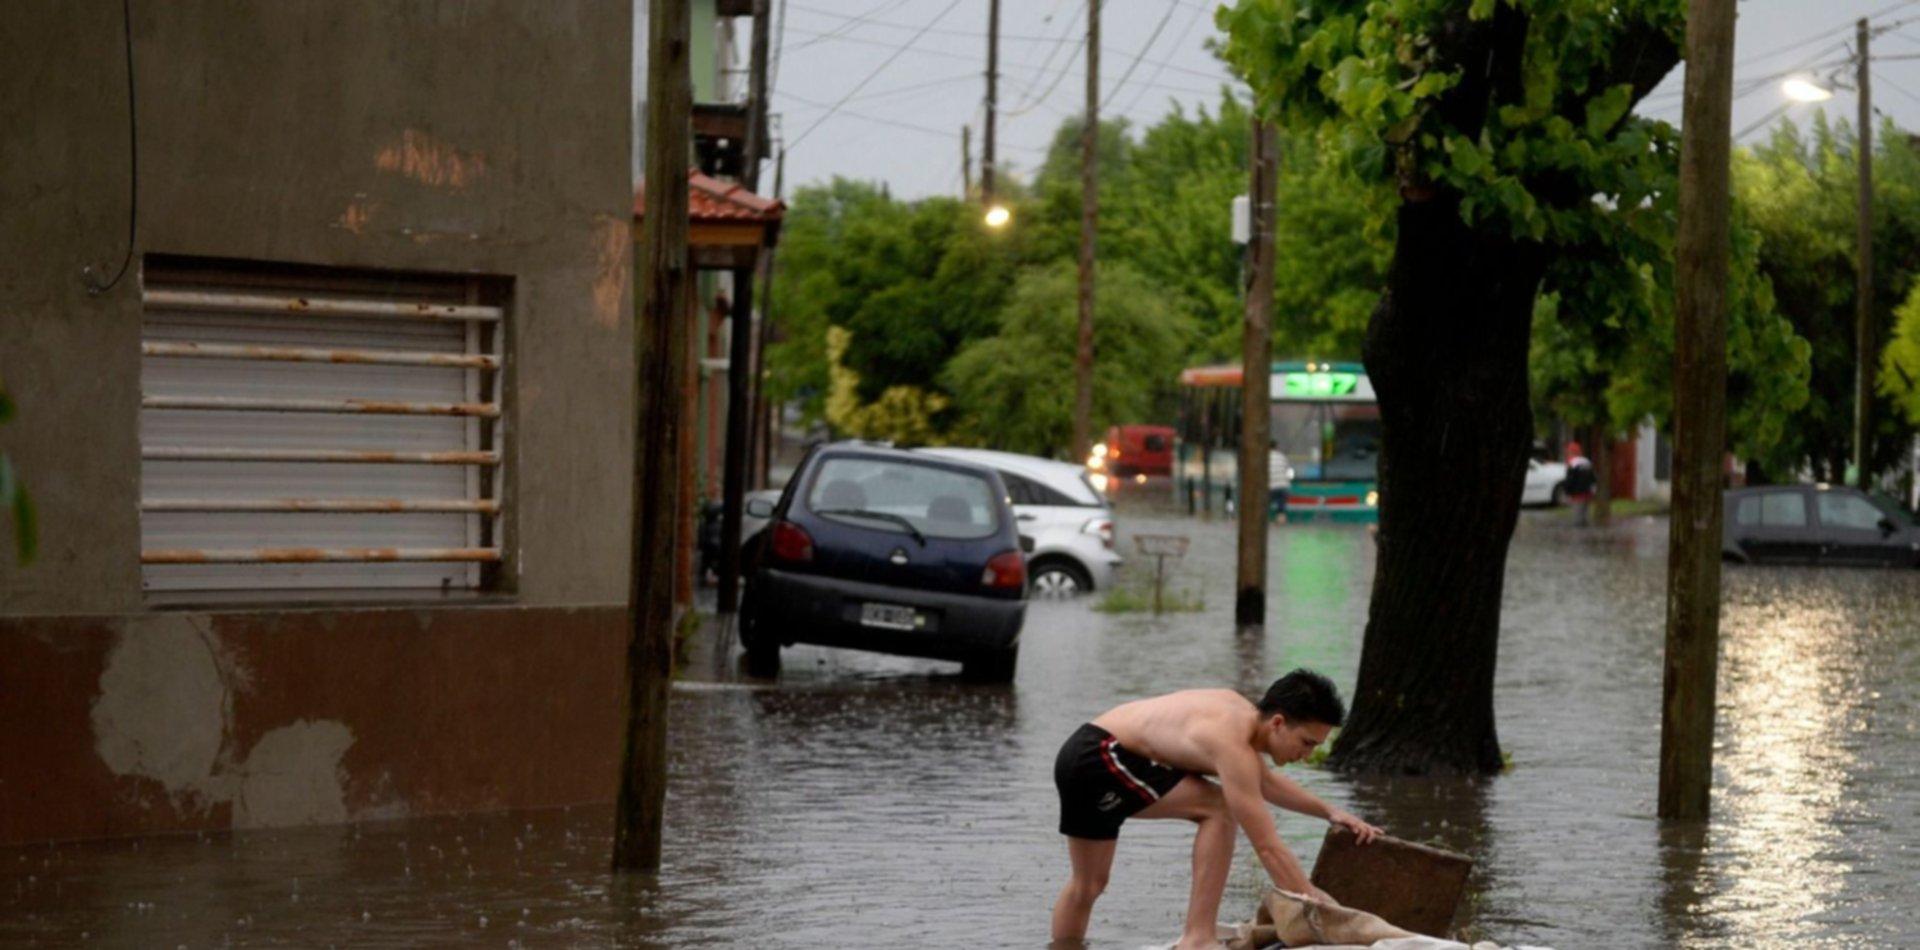 Hay zonas de la ciudad que están anegadas y sin luz en medio de una lluvia que no para